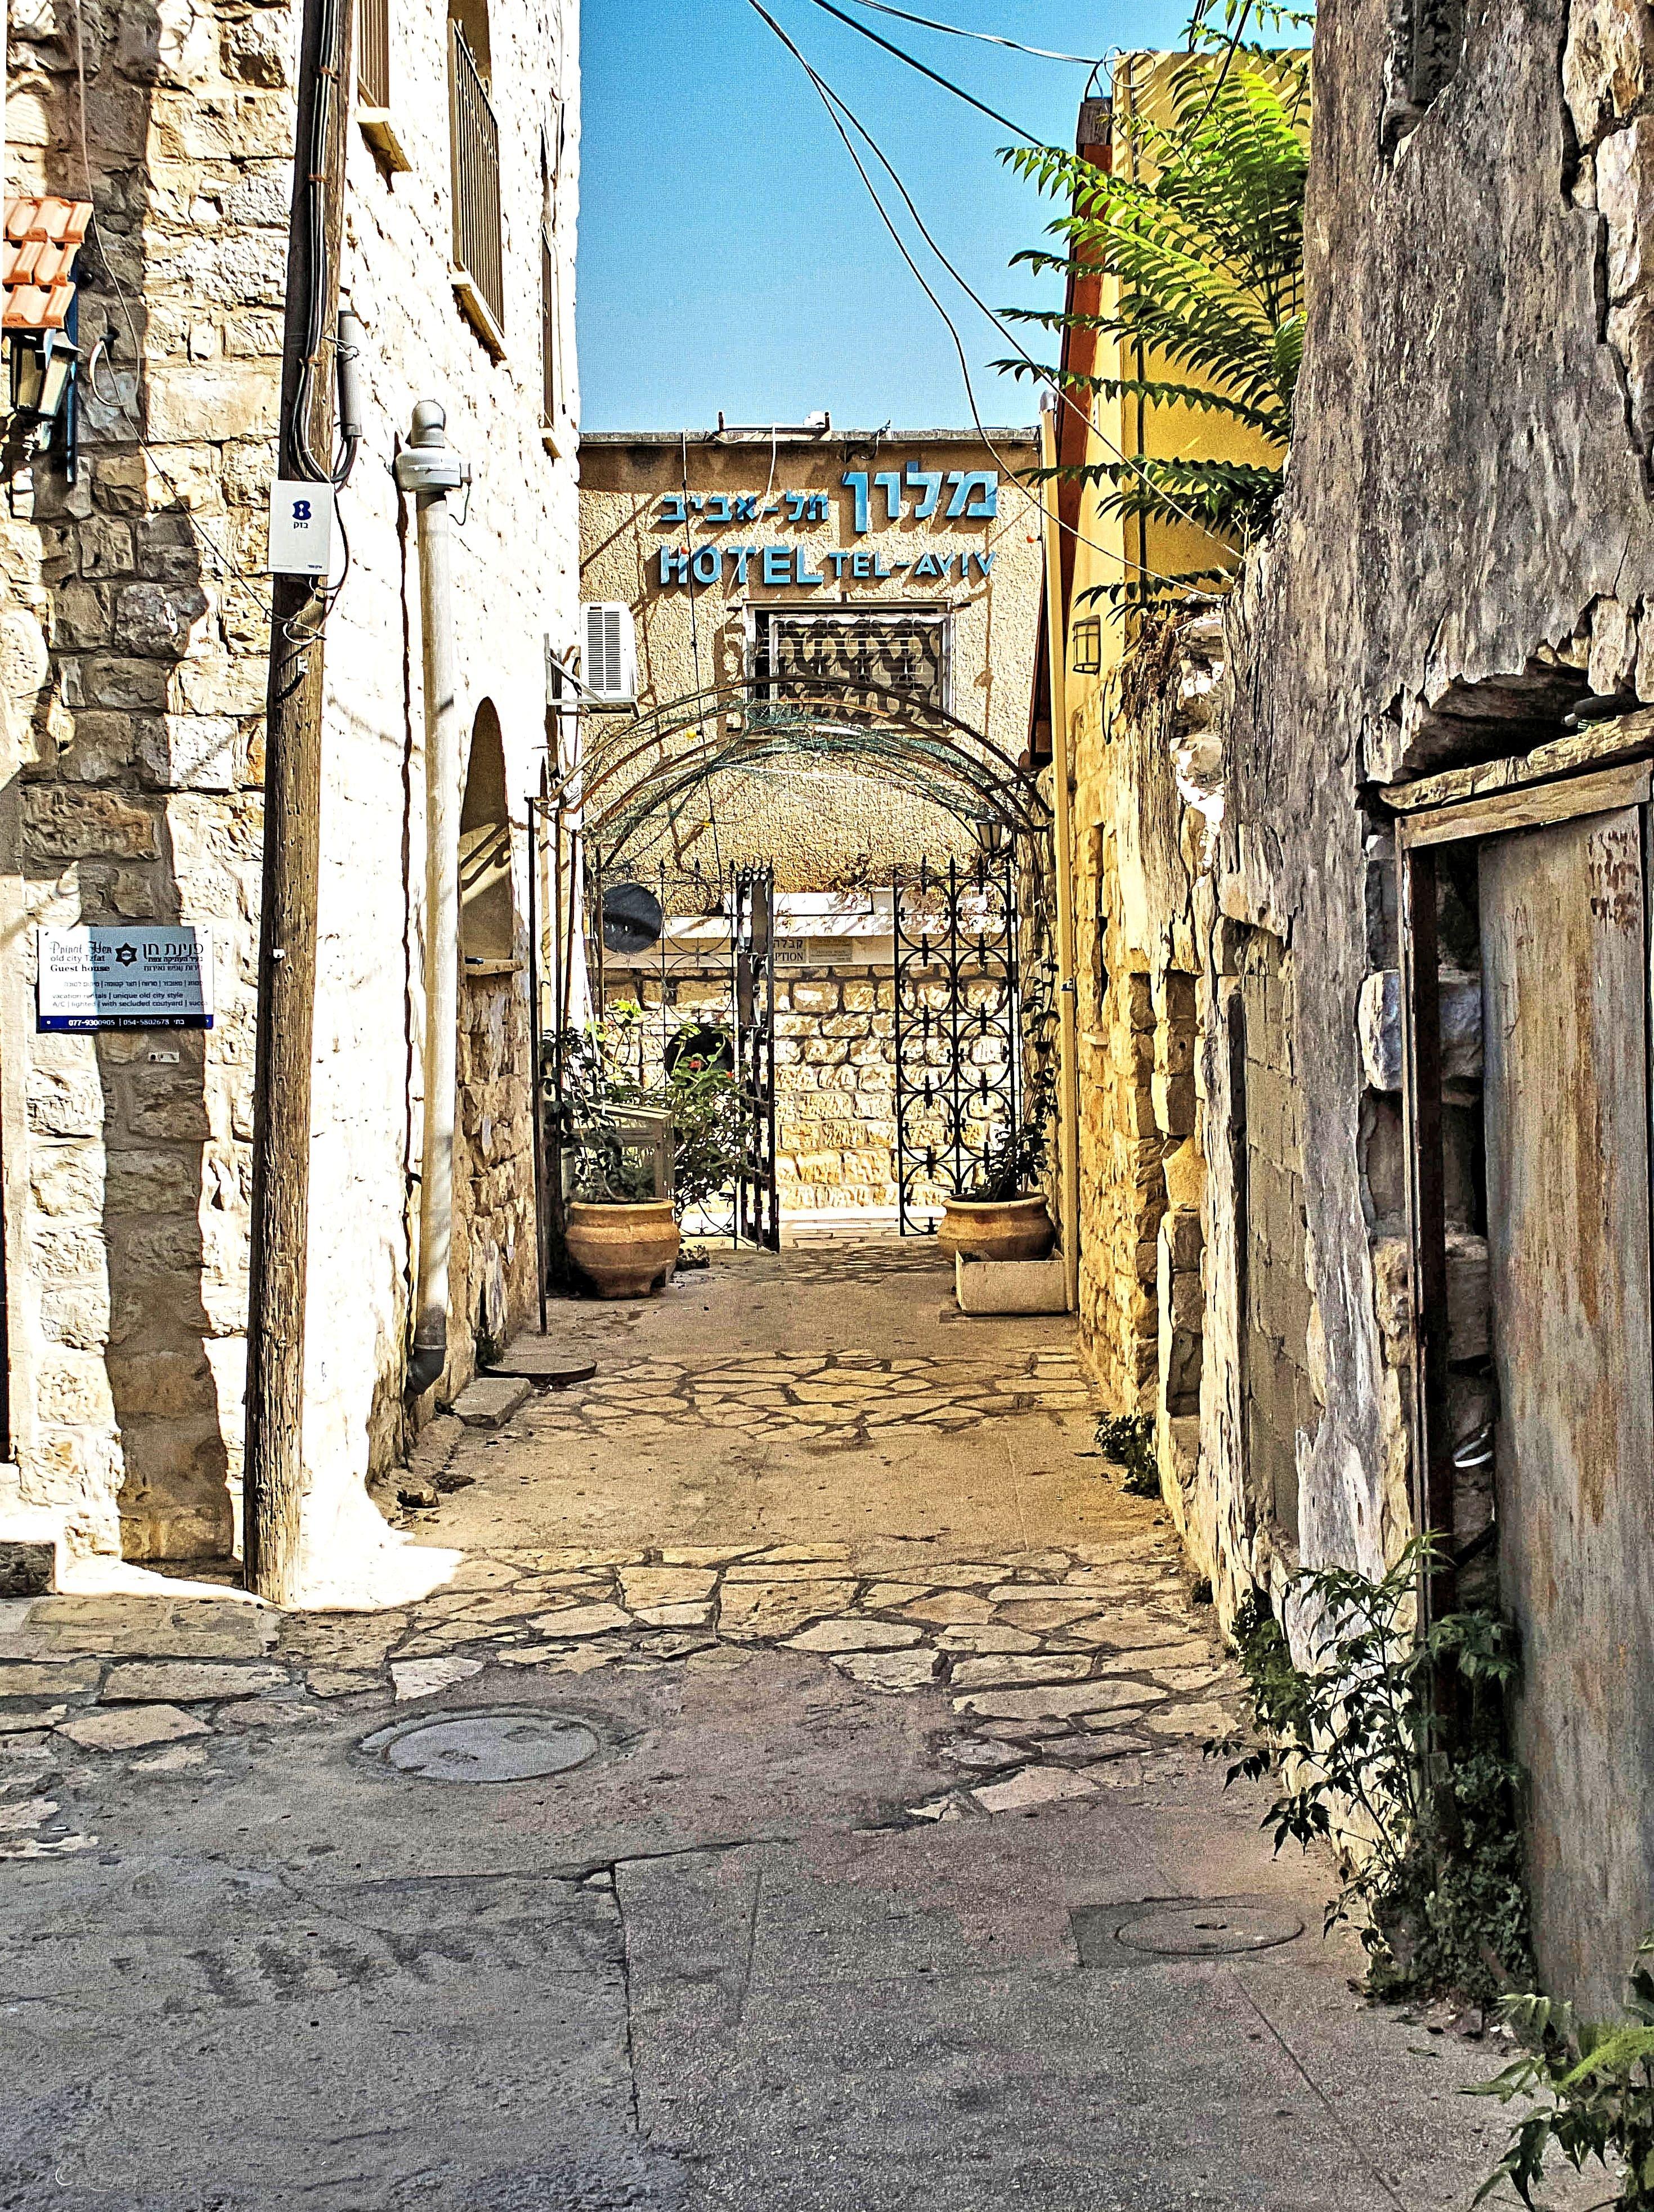 צפת העתיקה,מלון תל אביב